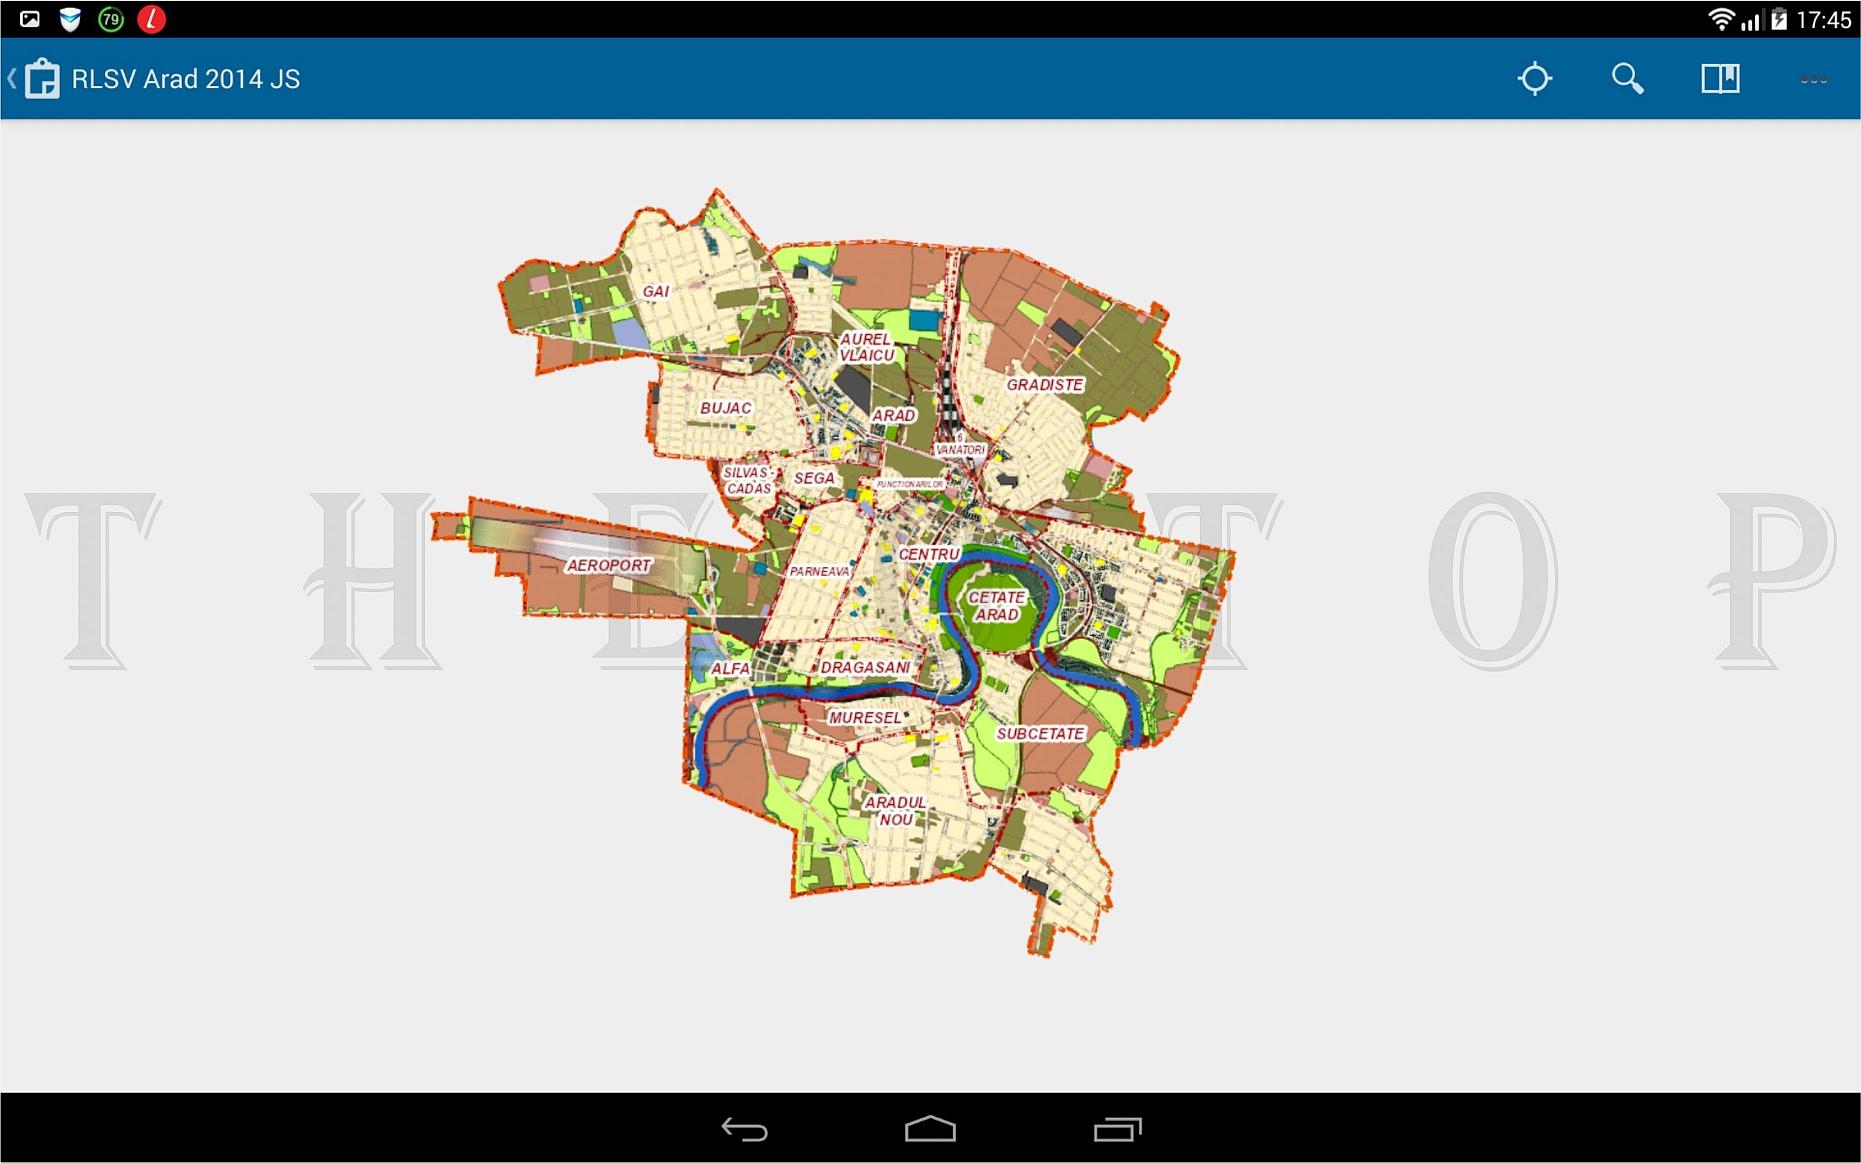 RLSV Arad -tabletă